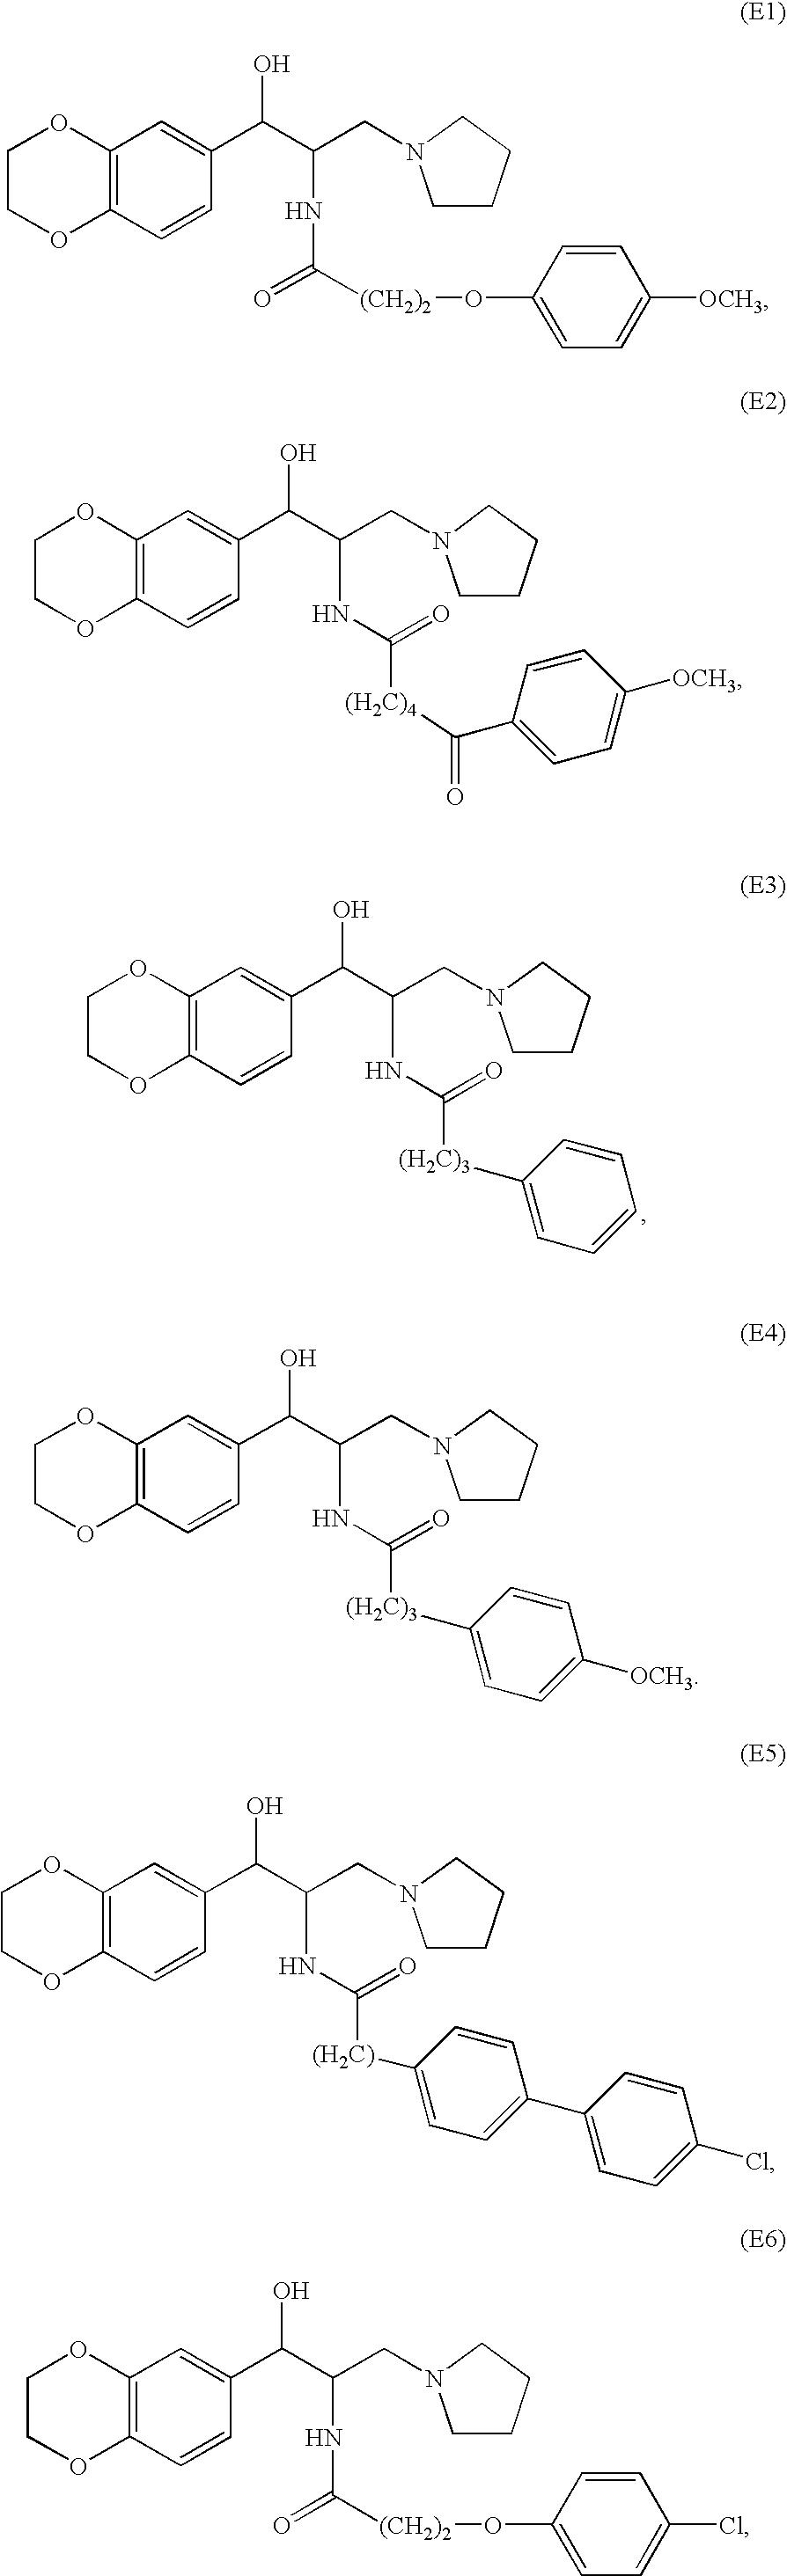 Figure US08304447-20121106-C00035